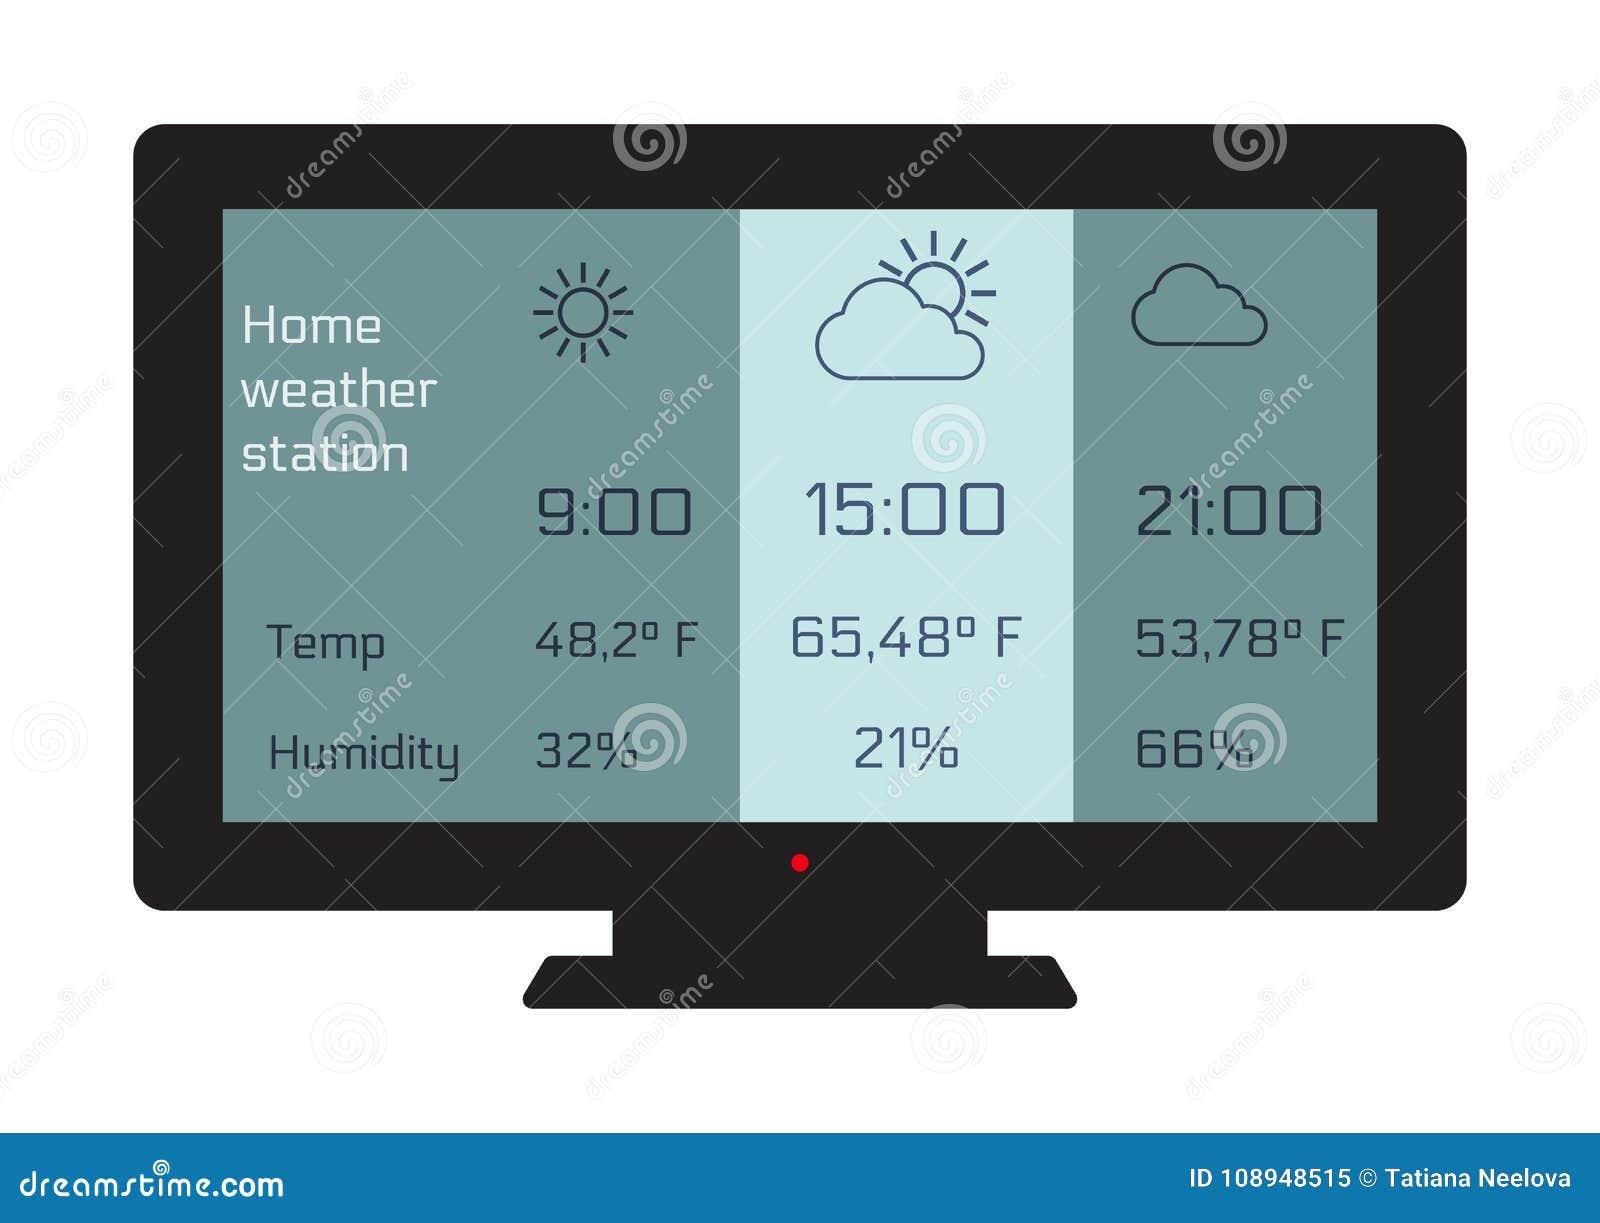 Vochtigheidsgraad In Huis : Huisweerstation widget het materiaal van het weerstationhuis